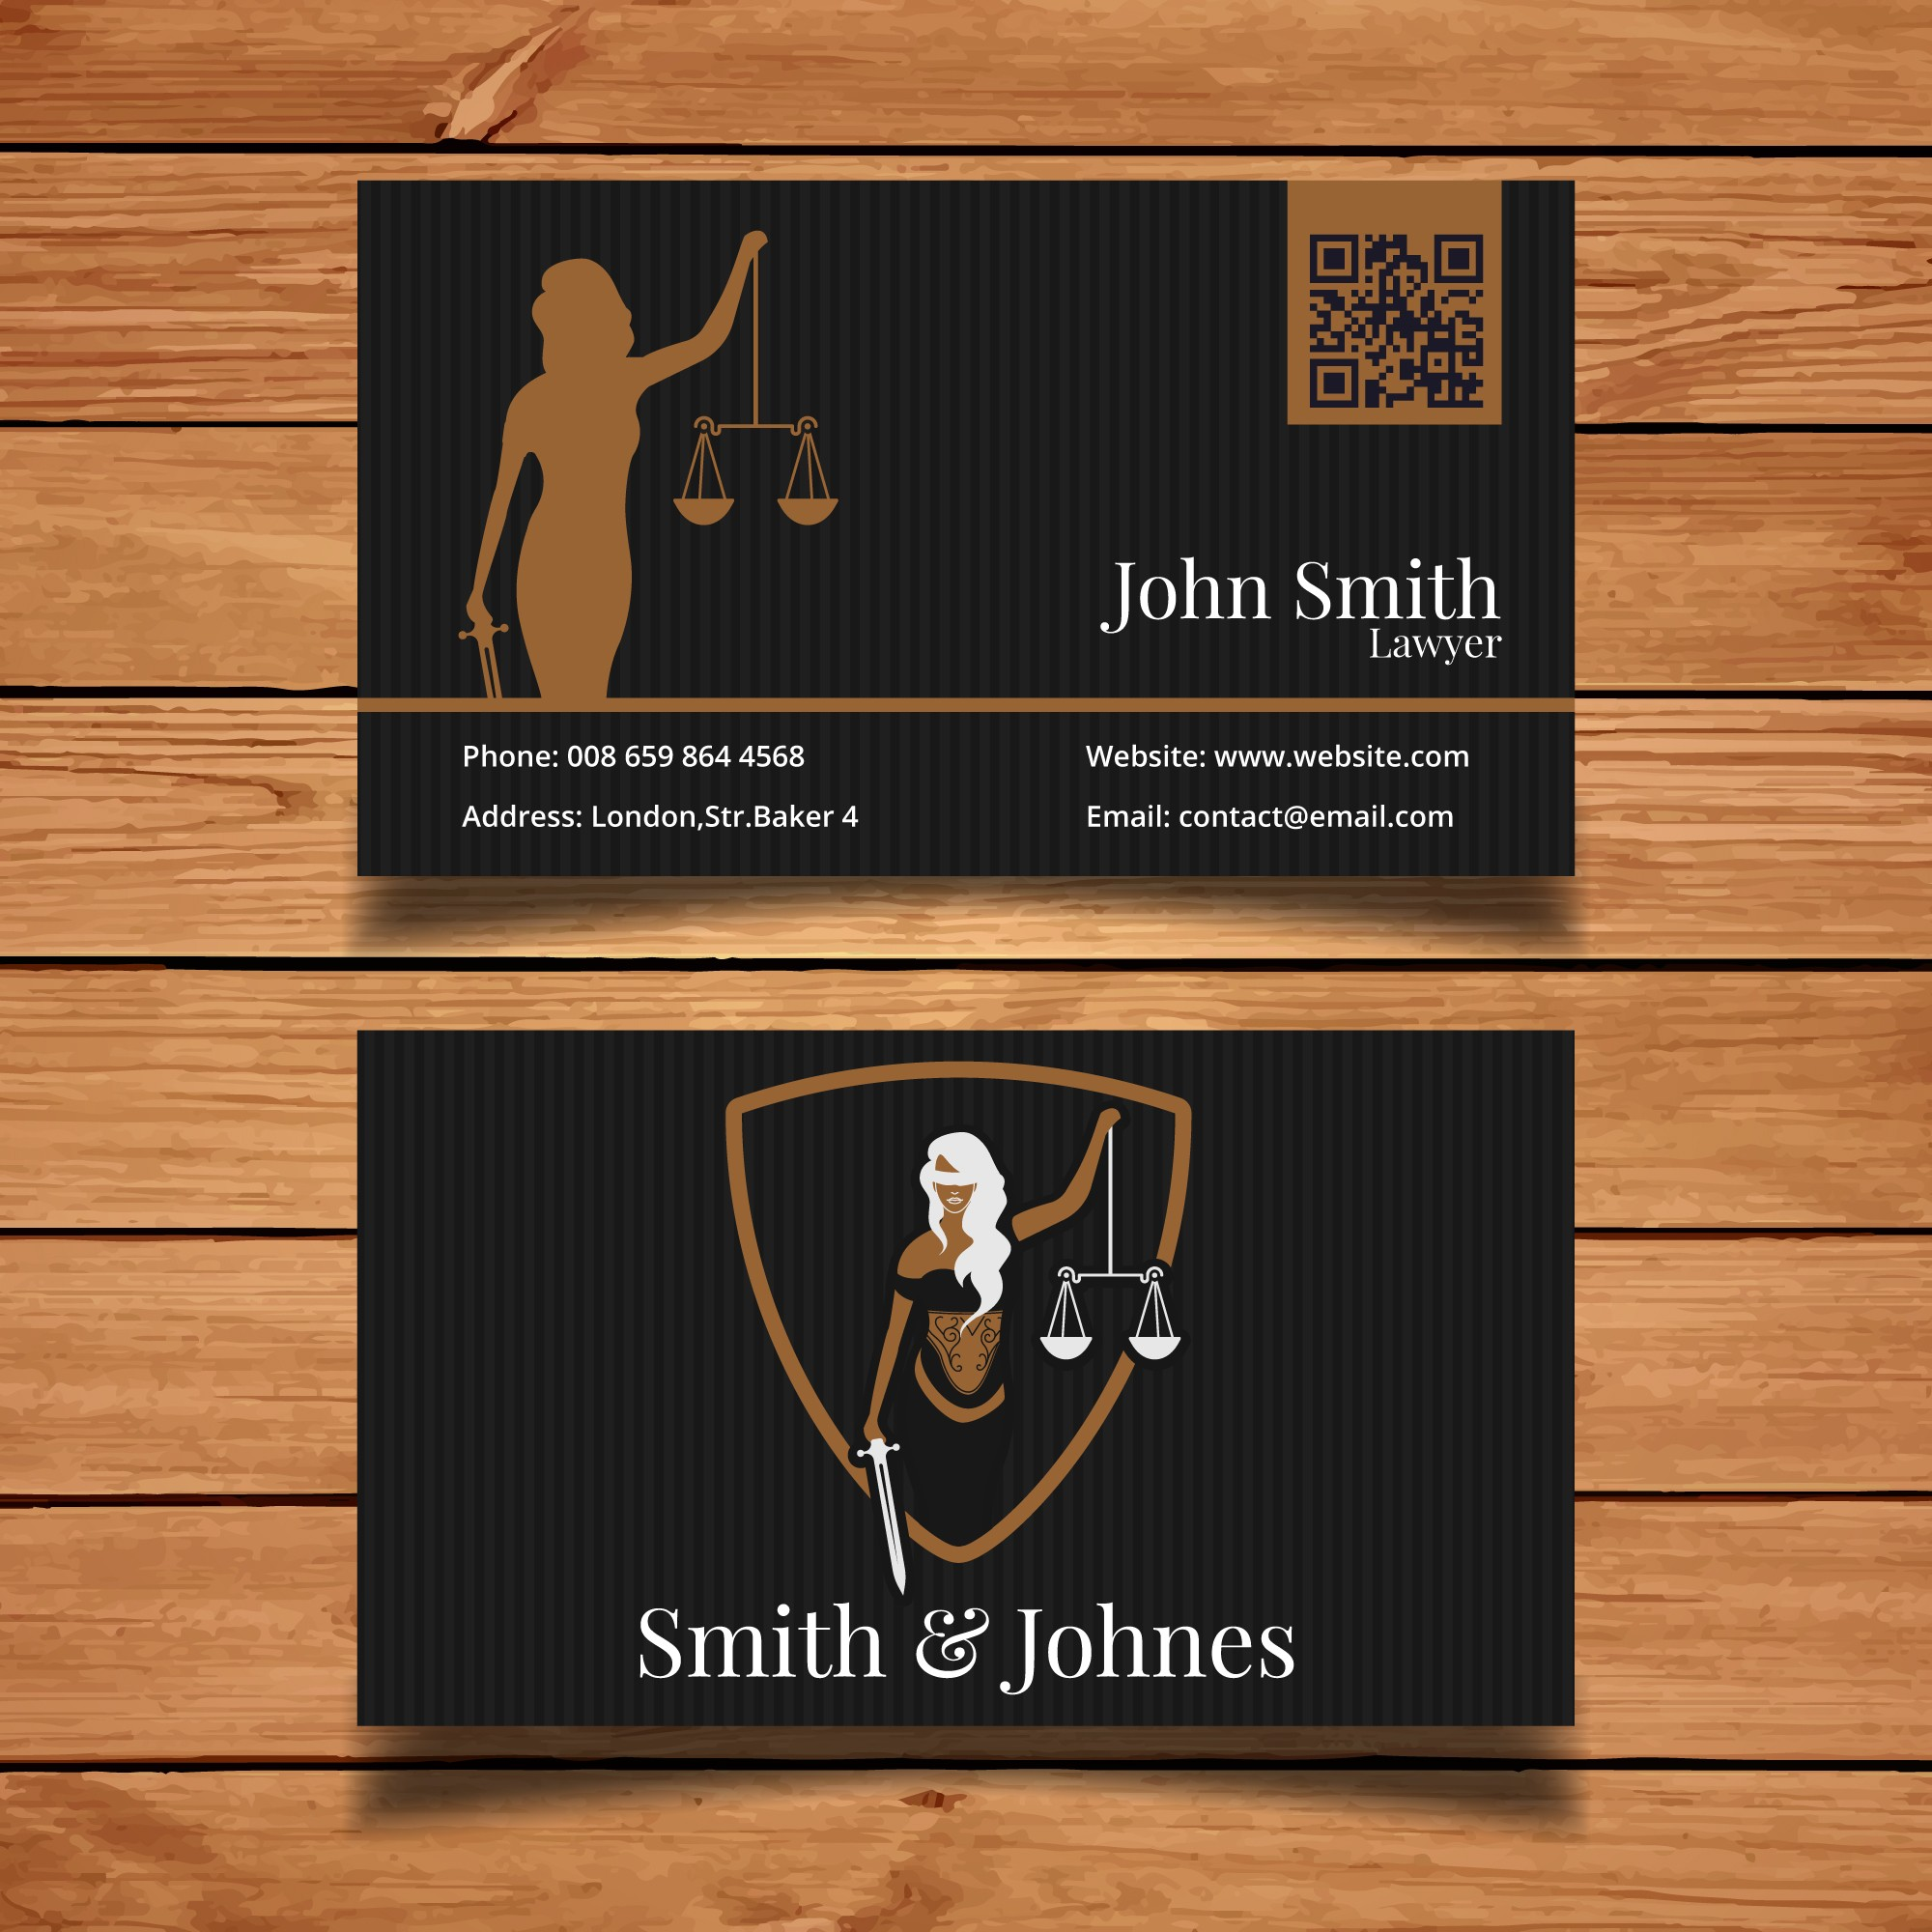 Plantillas o diseños de tarjetas personales y flyer variados ...